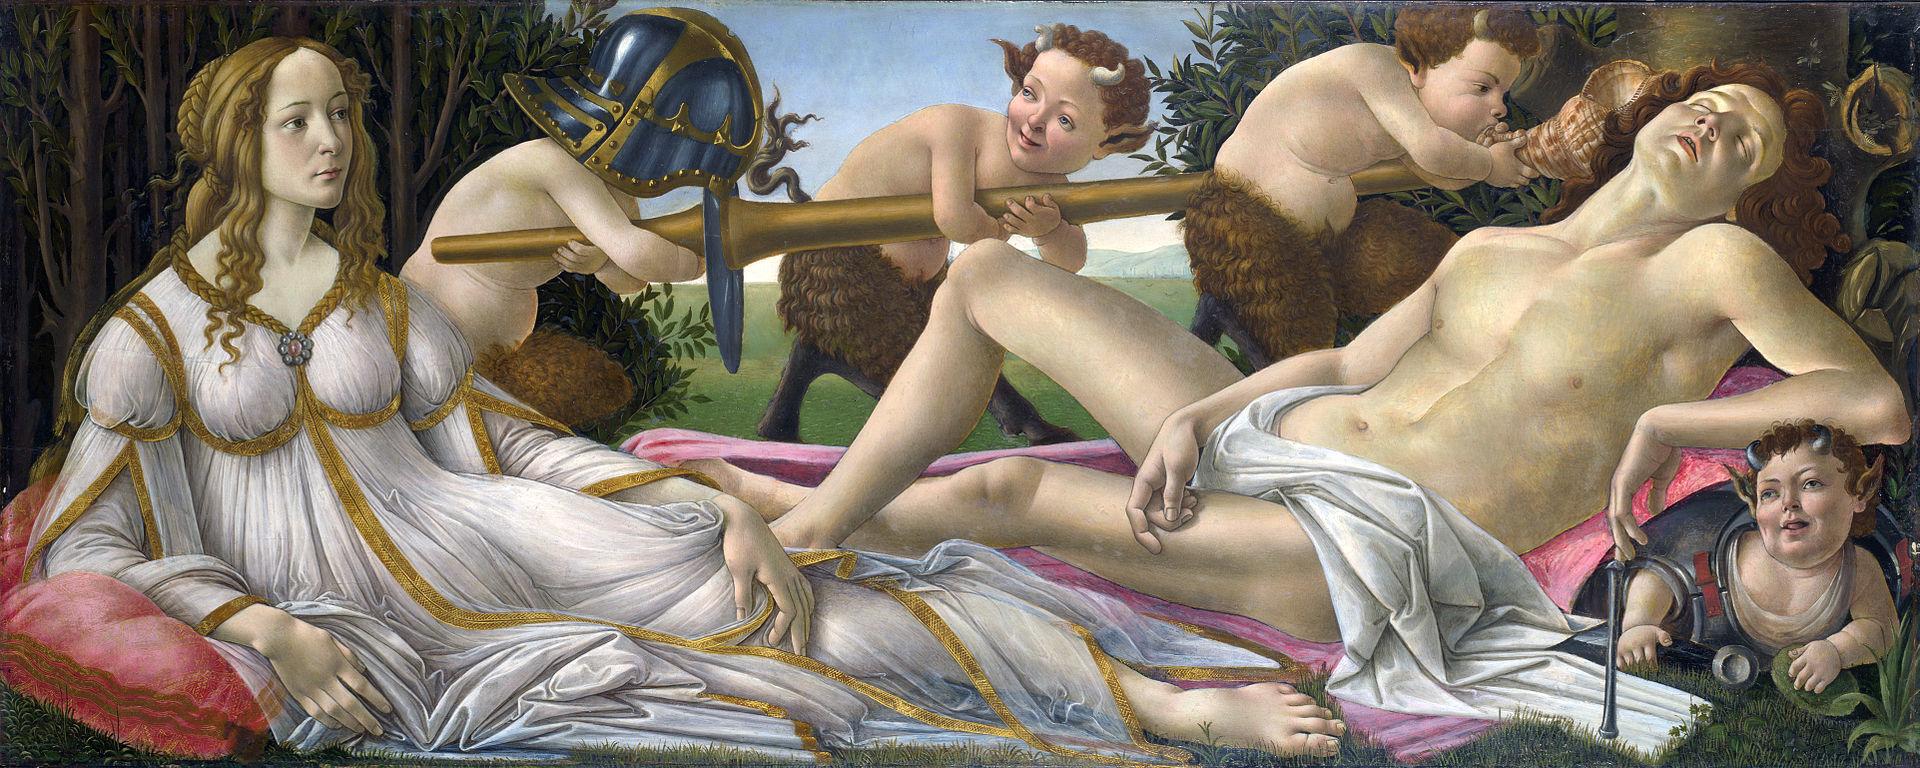 Naked female gods — 5